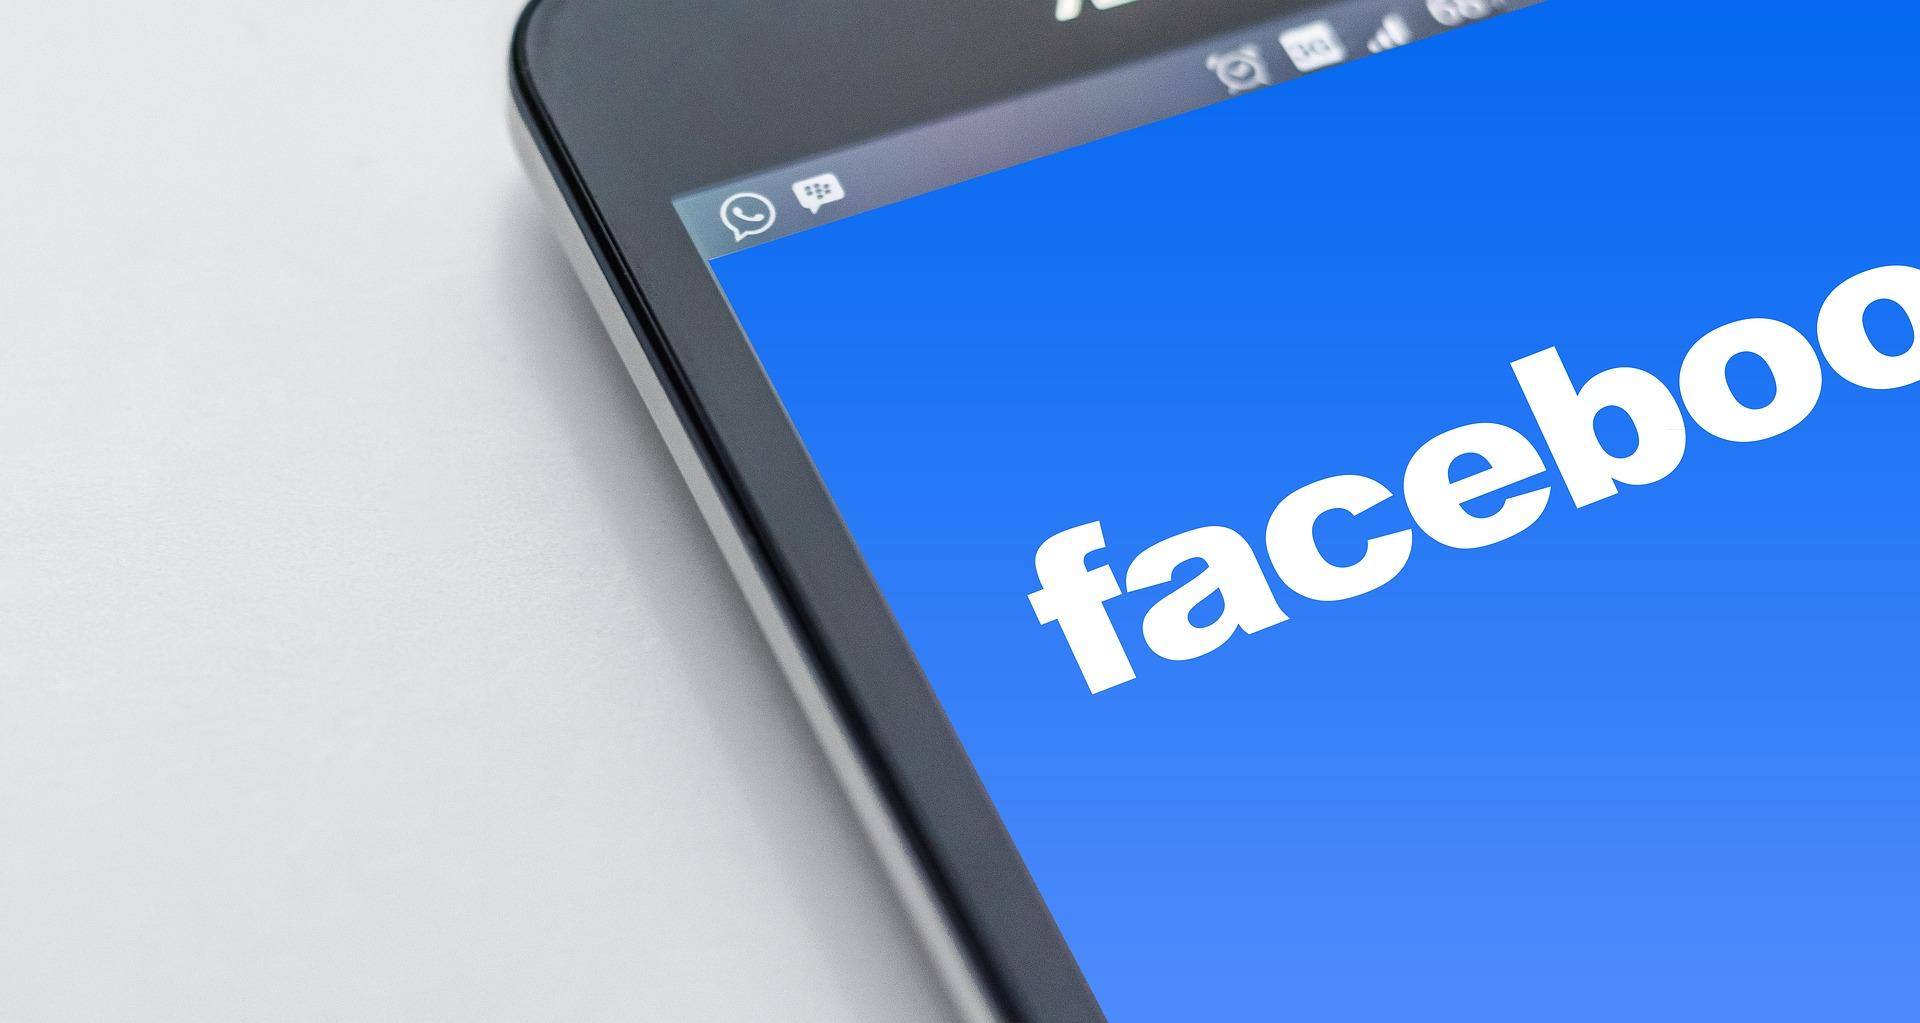 קידום עסקים ברשתות החברתיות: הסוד שכל בעל עסק צריך לדעת